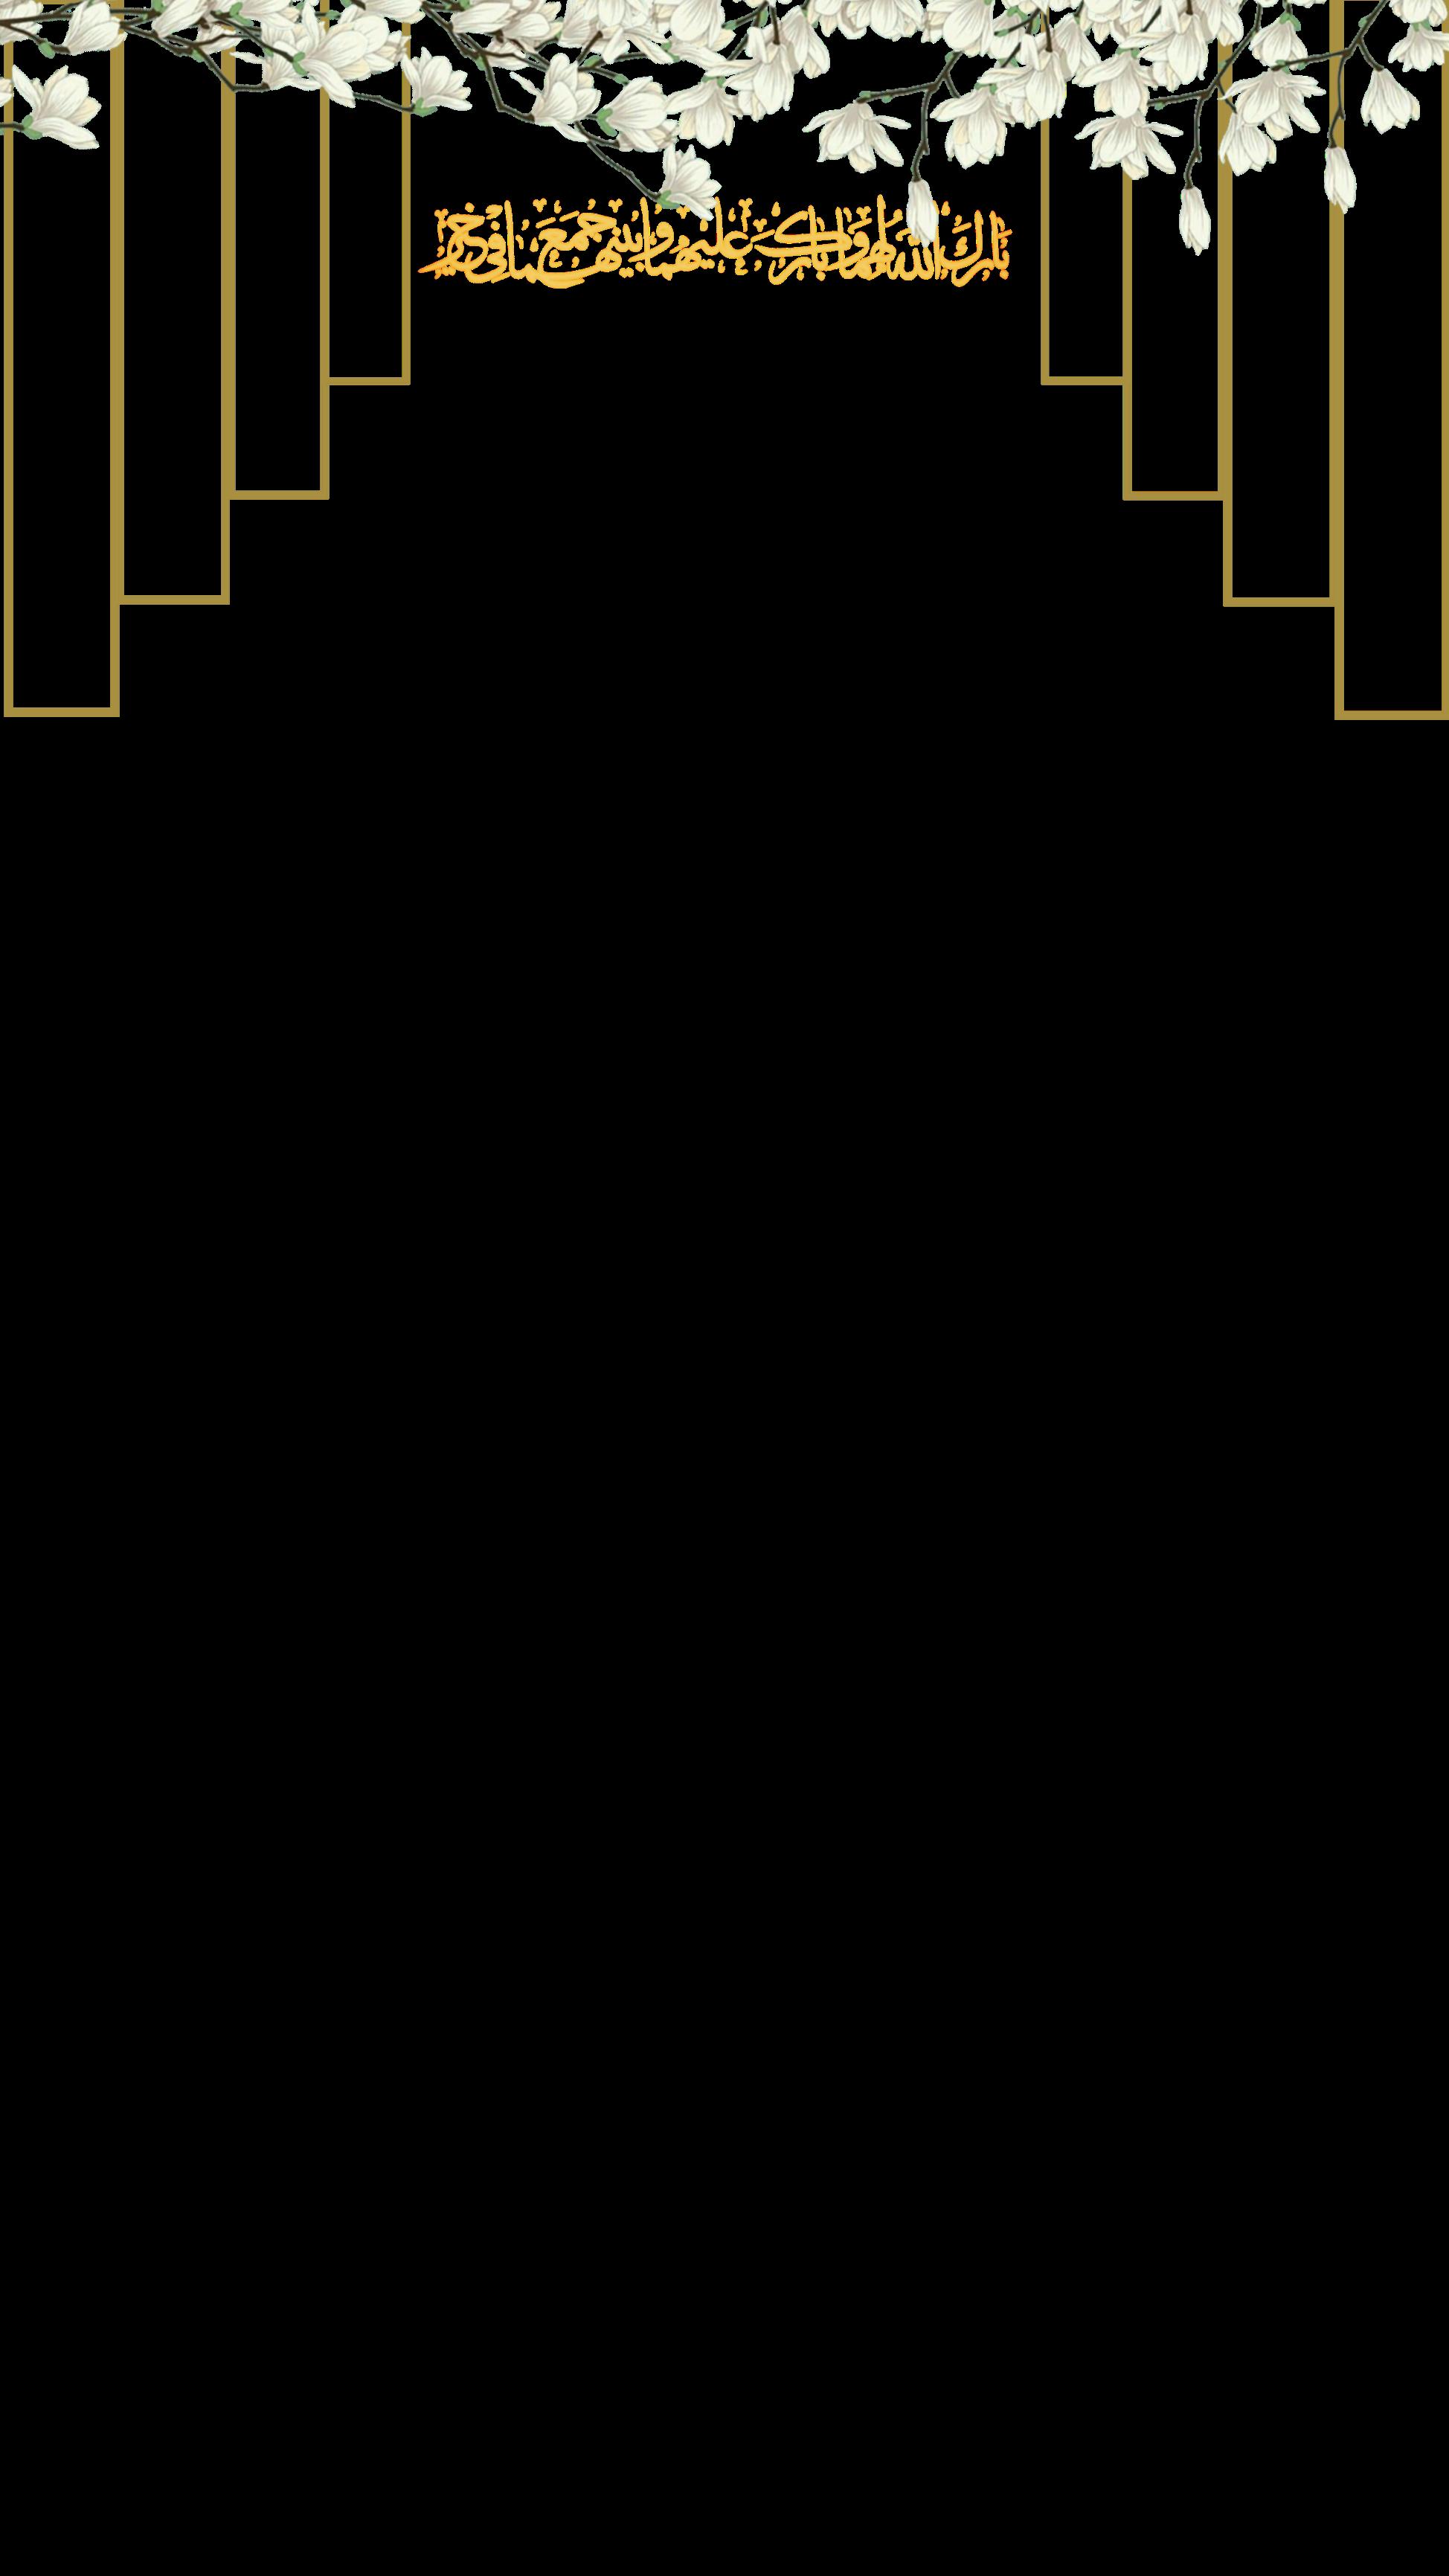 زفاف زواج عرس معرس عروس عريس فلتر عدسه فلتر زفاف فلتر زواج ورد Freetoedit Phone Wallpaper Design Poster Background Design Flower Phone Wallpaper